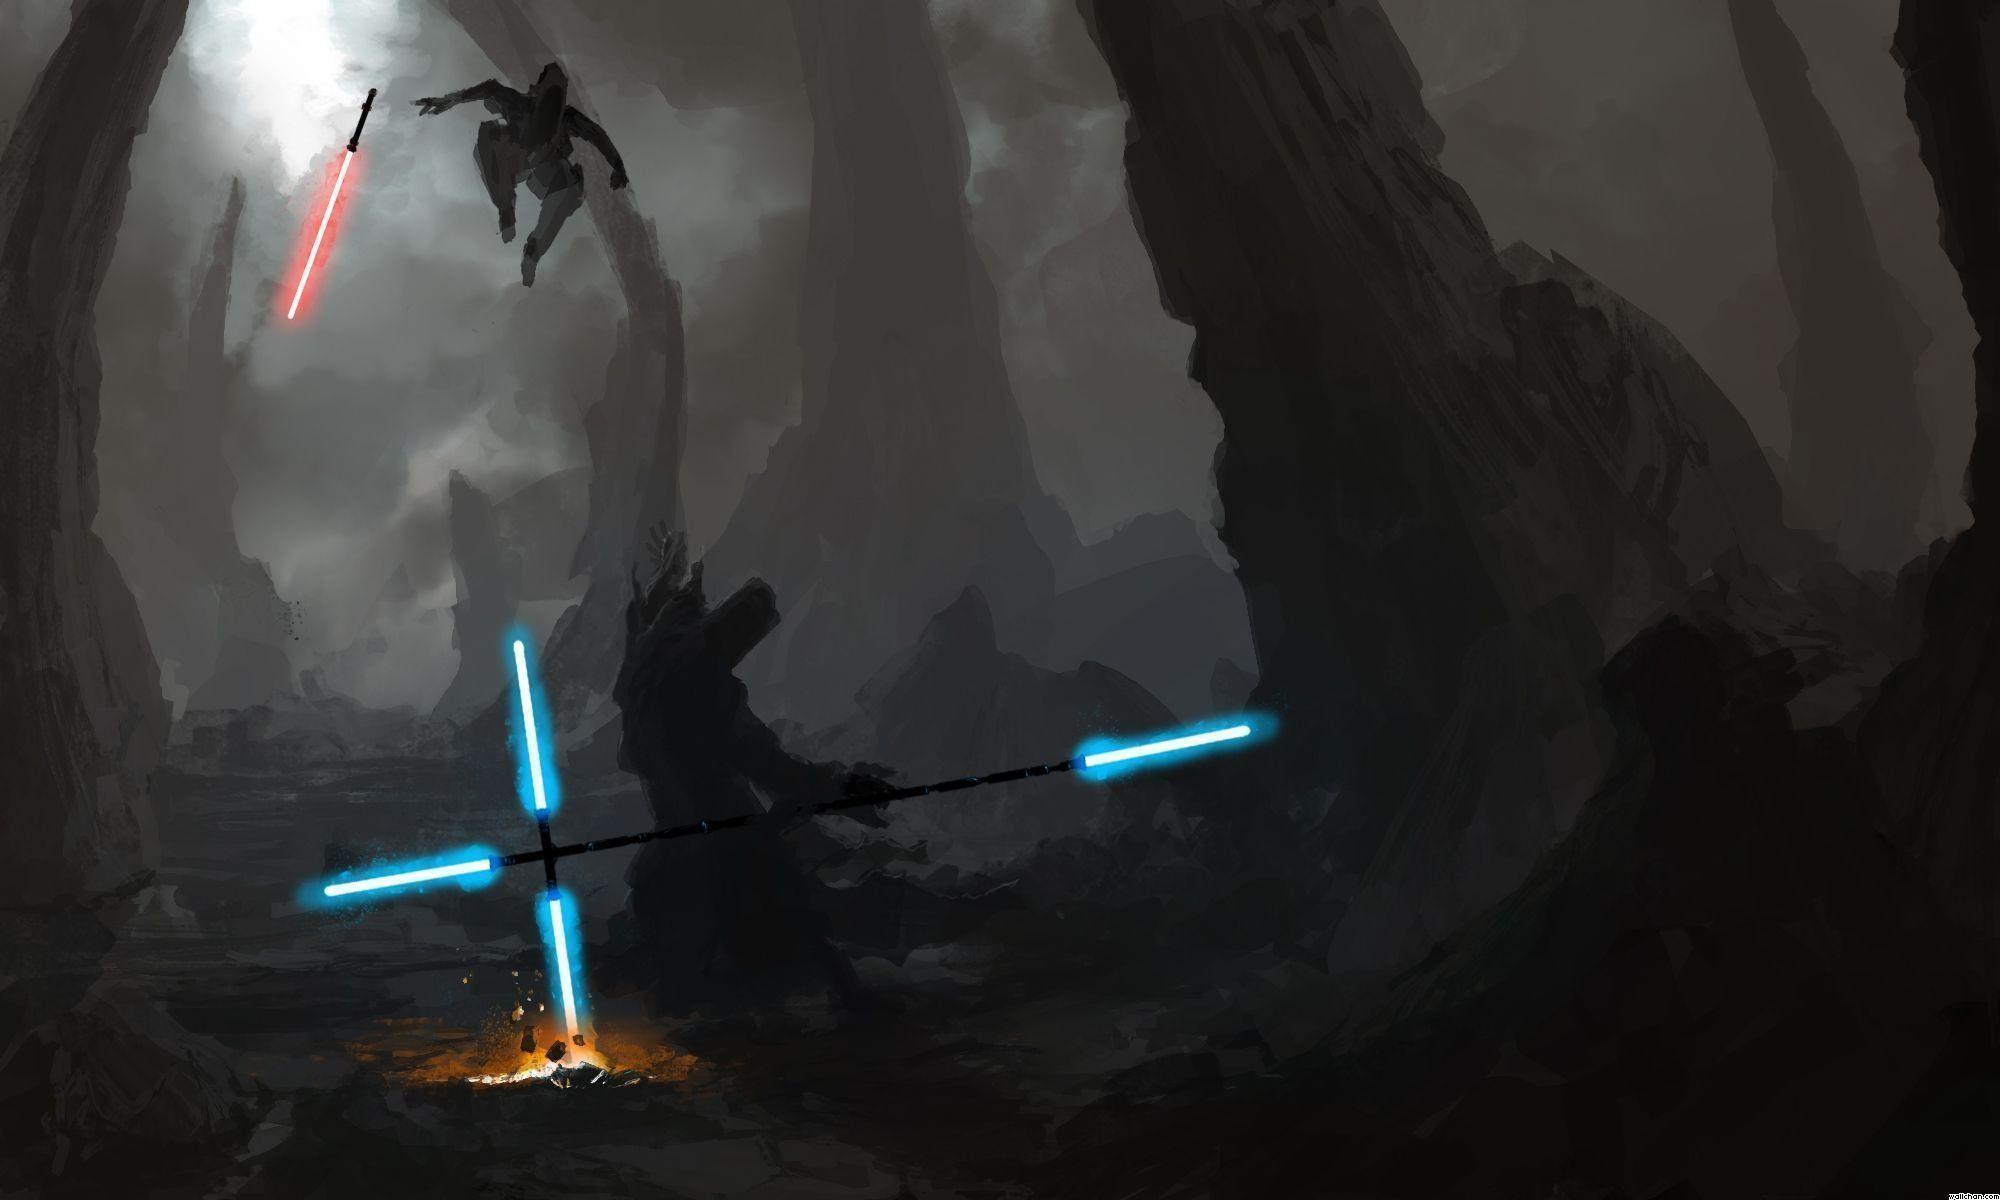 HD <b>Jedi Wallpaper</b> – WallpaperSafari